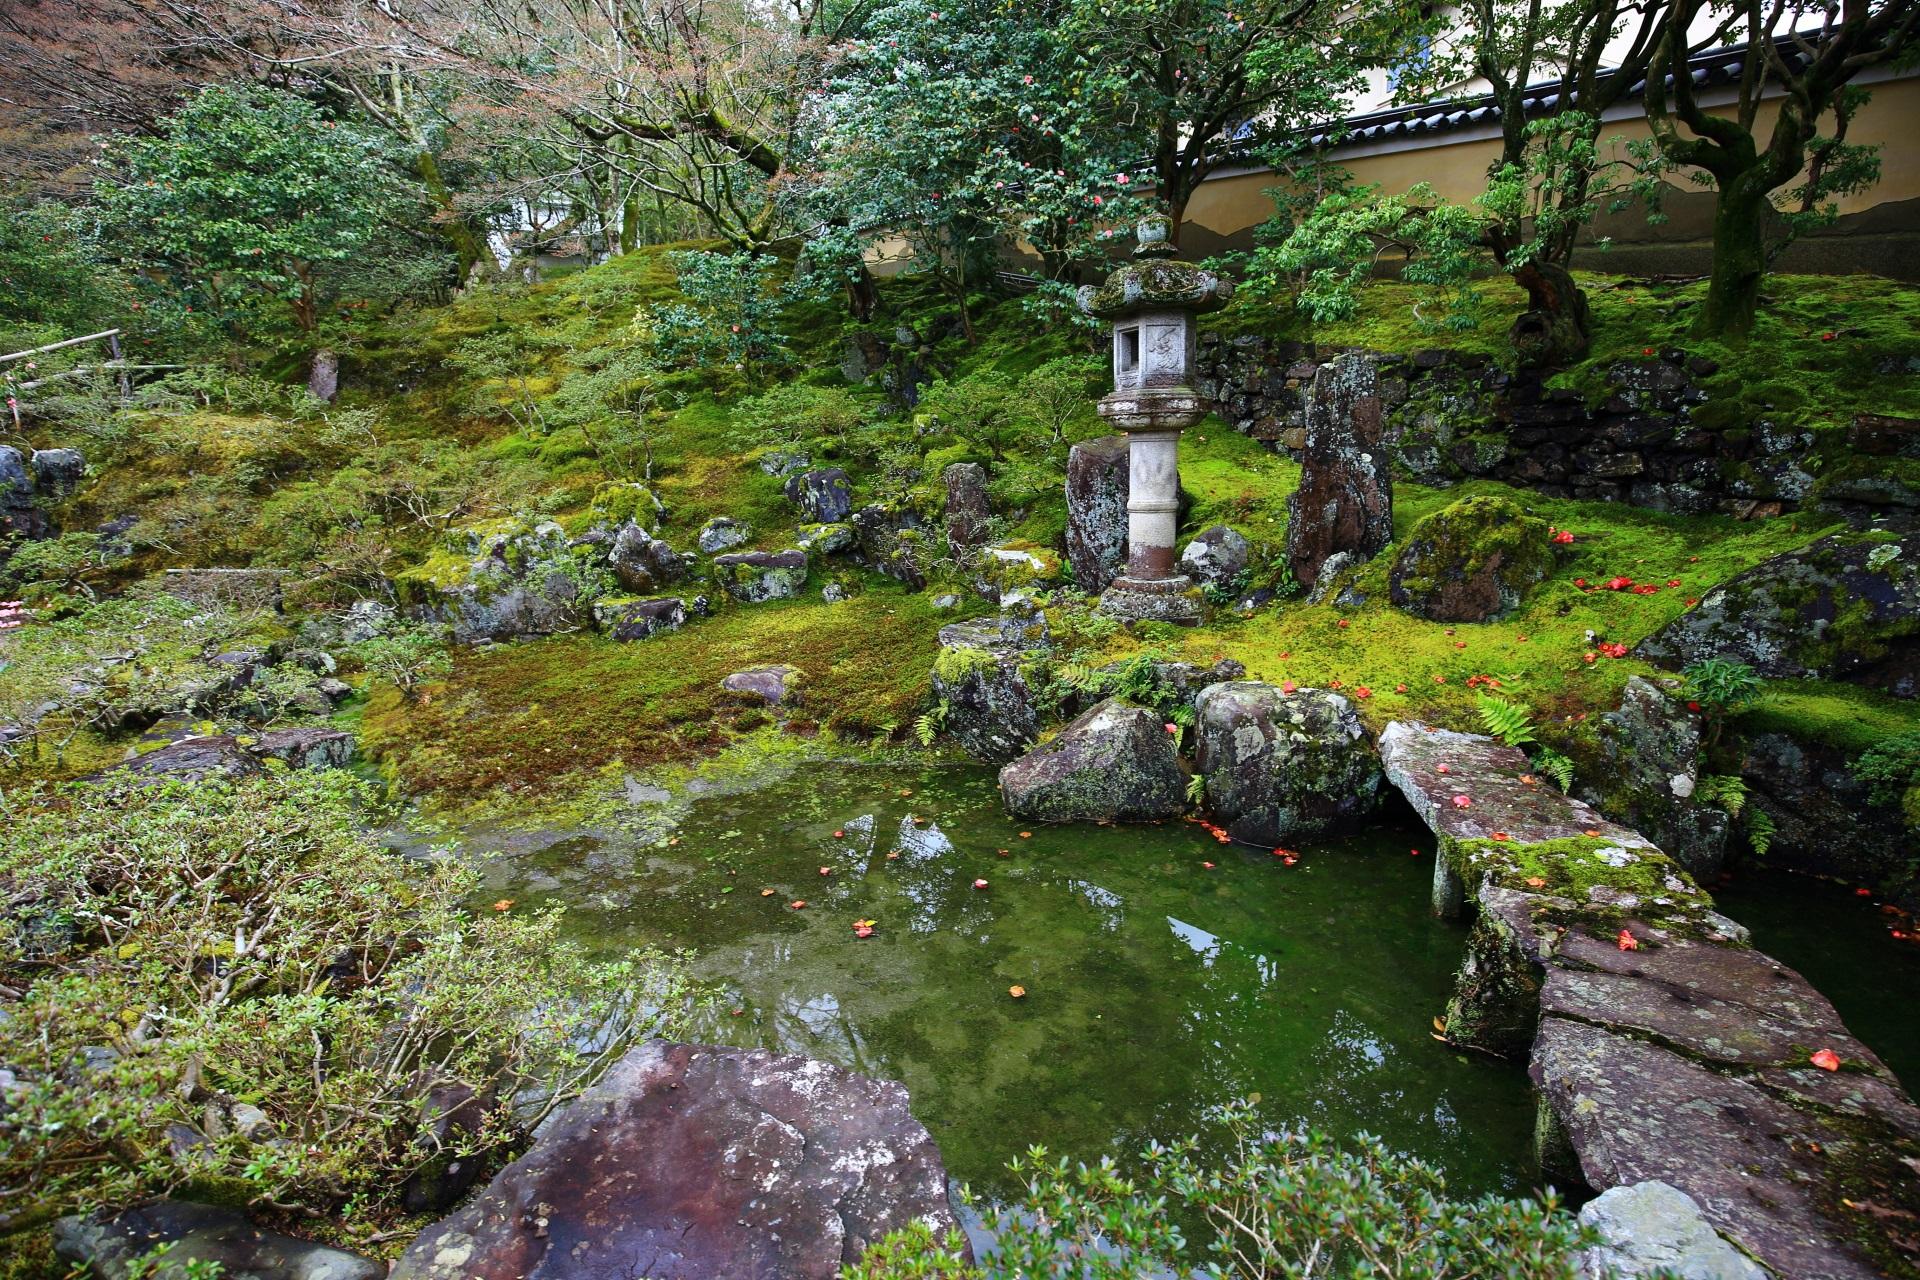 苔や岩の美しい霊鑑寺の池泉式の庭園